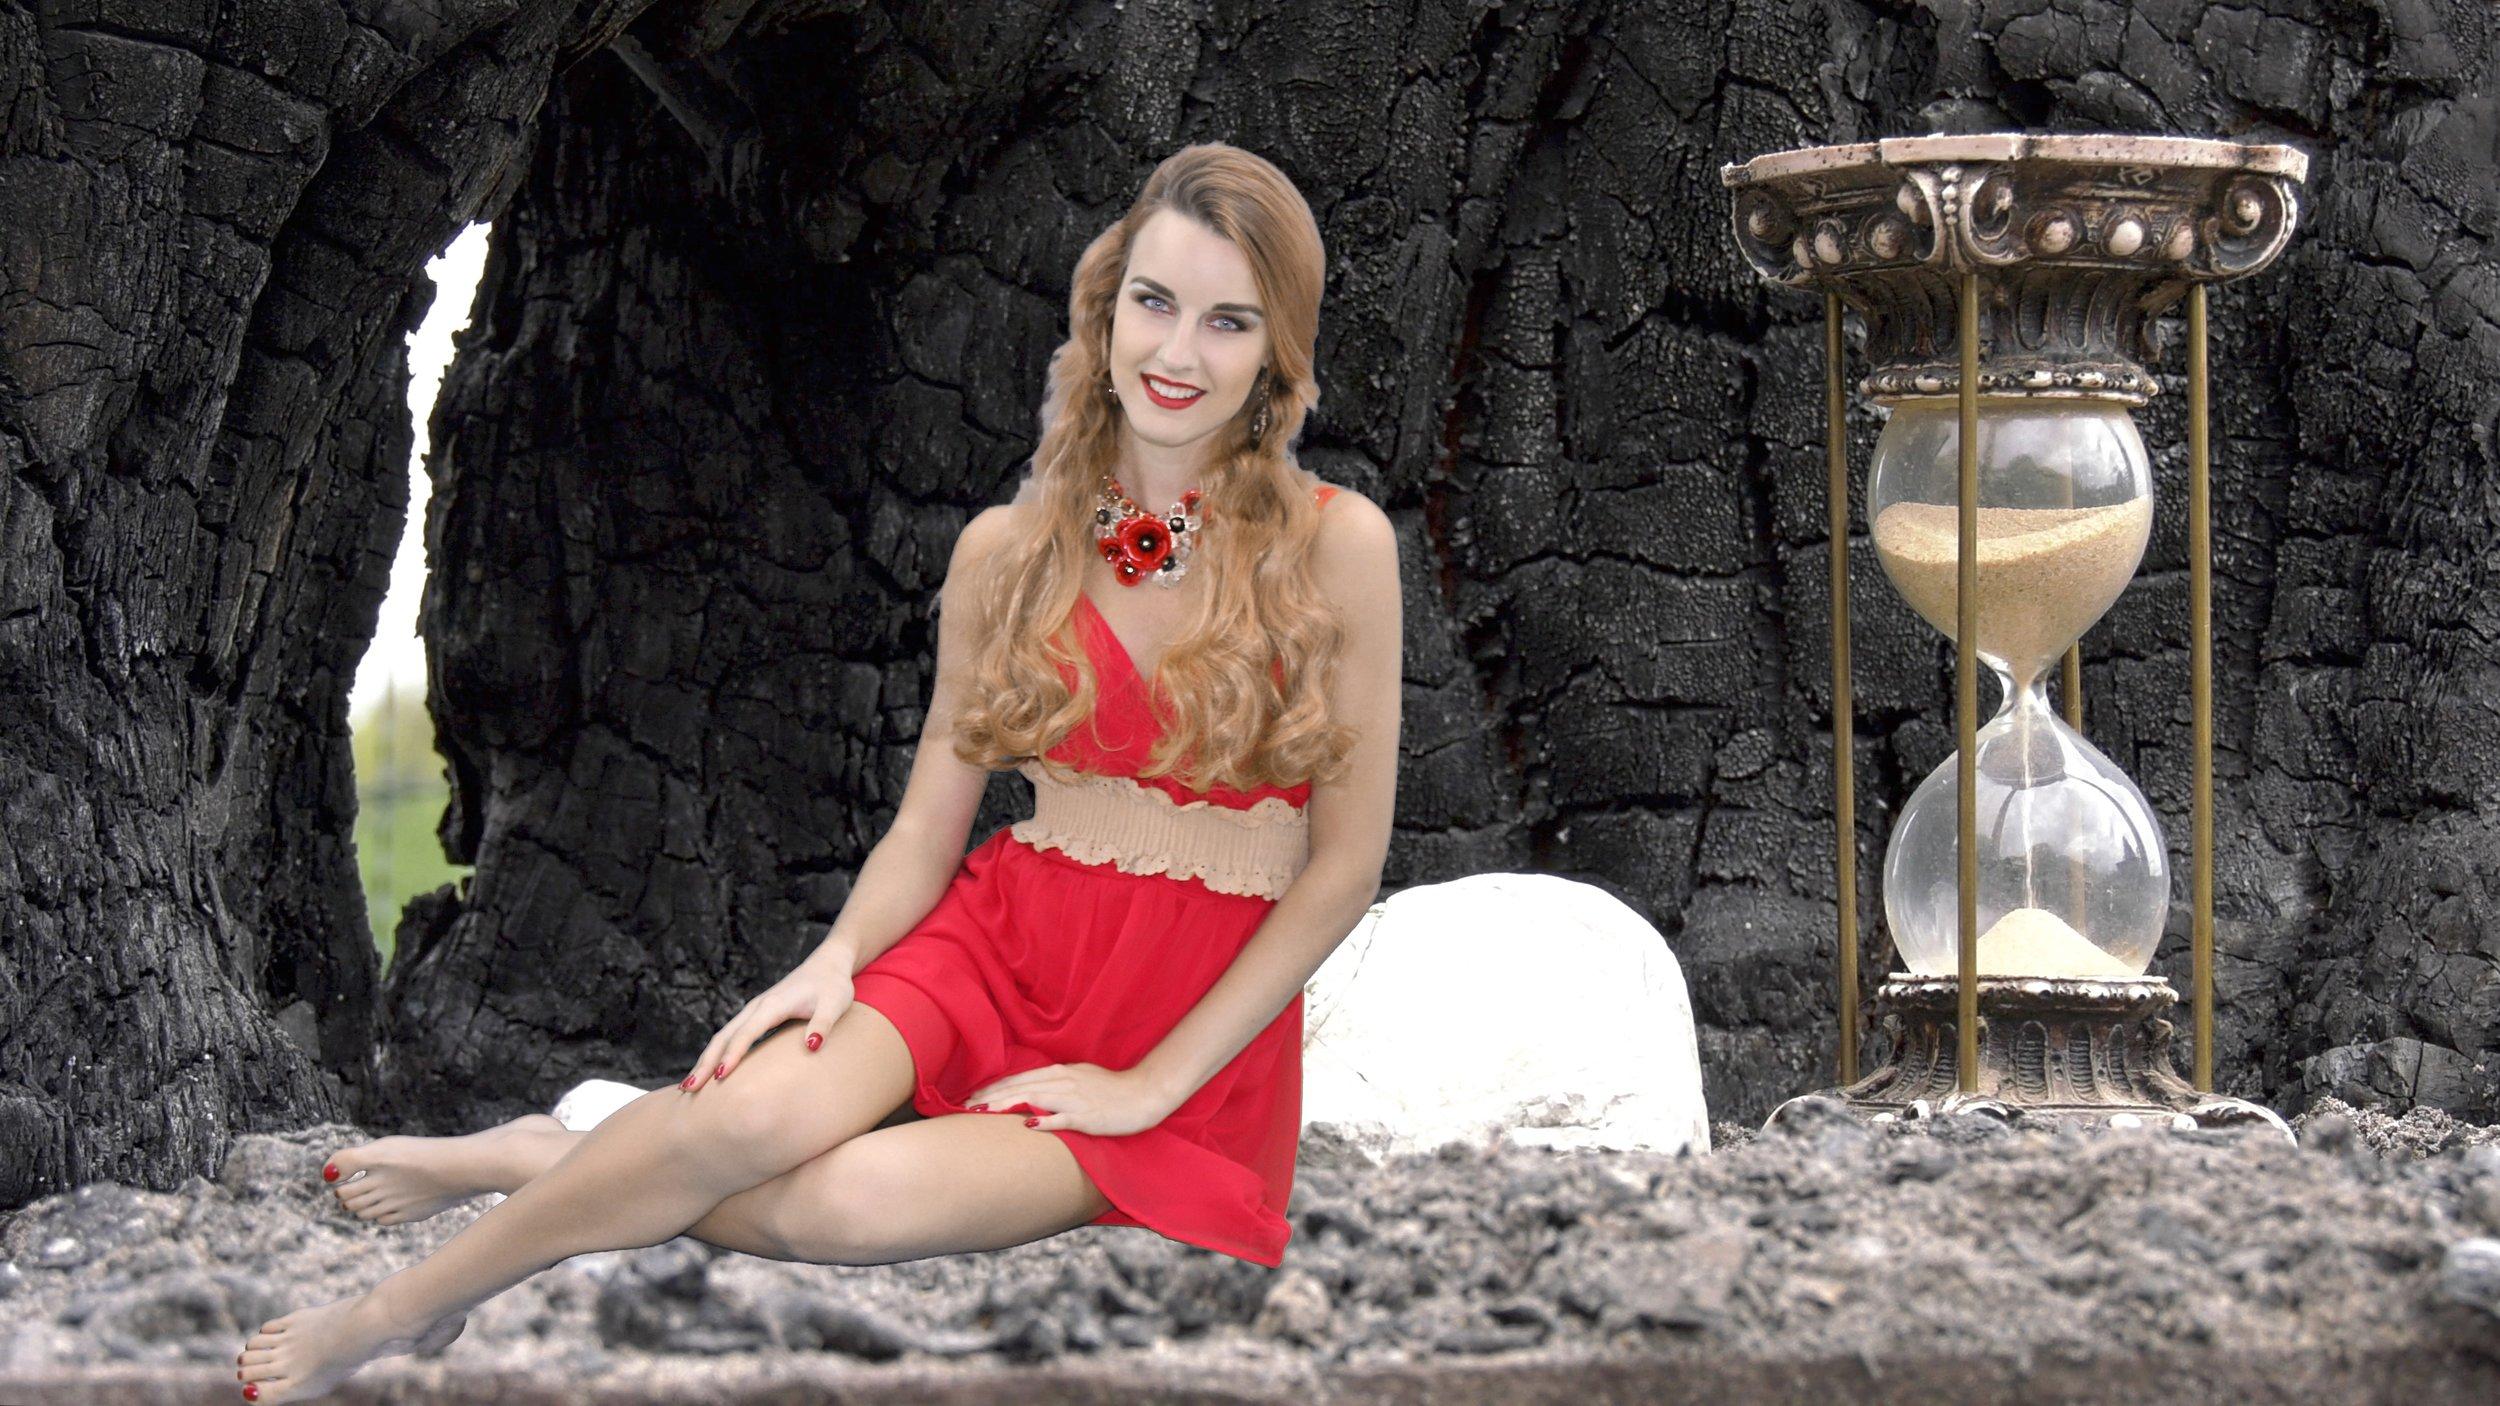 2017-05-14 Ivana Raymonda van der Veen - Hourglass (1).jpg